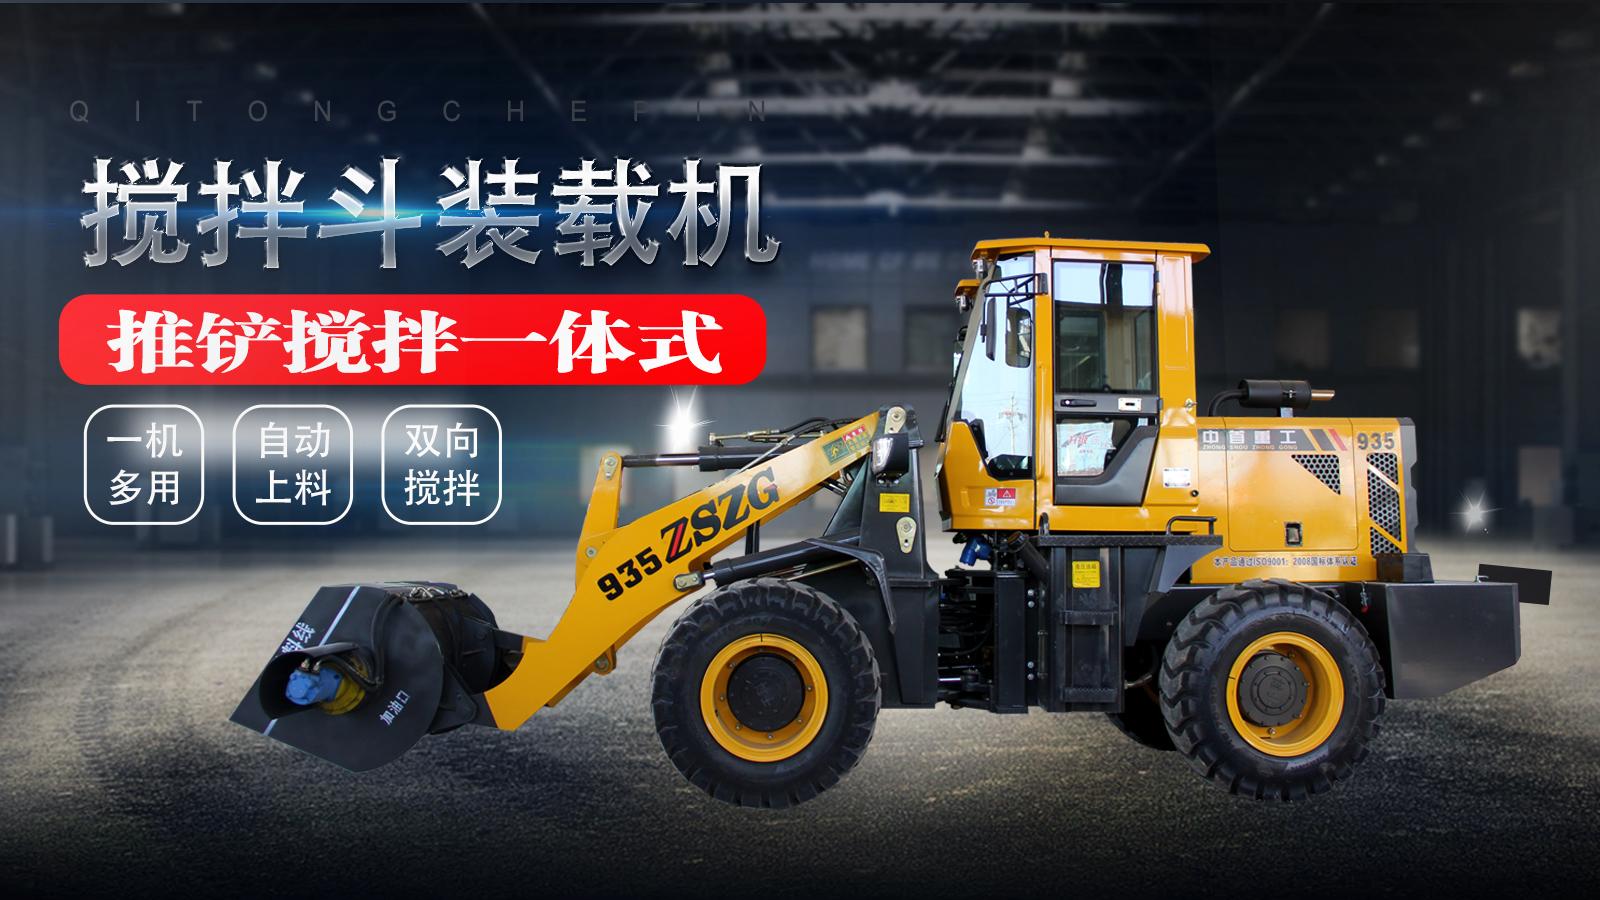 宁津县大柳镇亚联机械加工厂